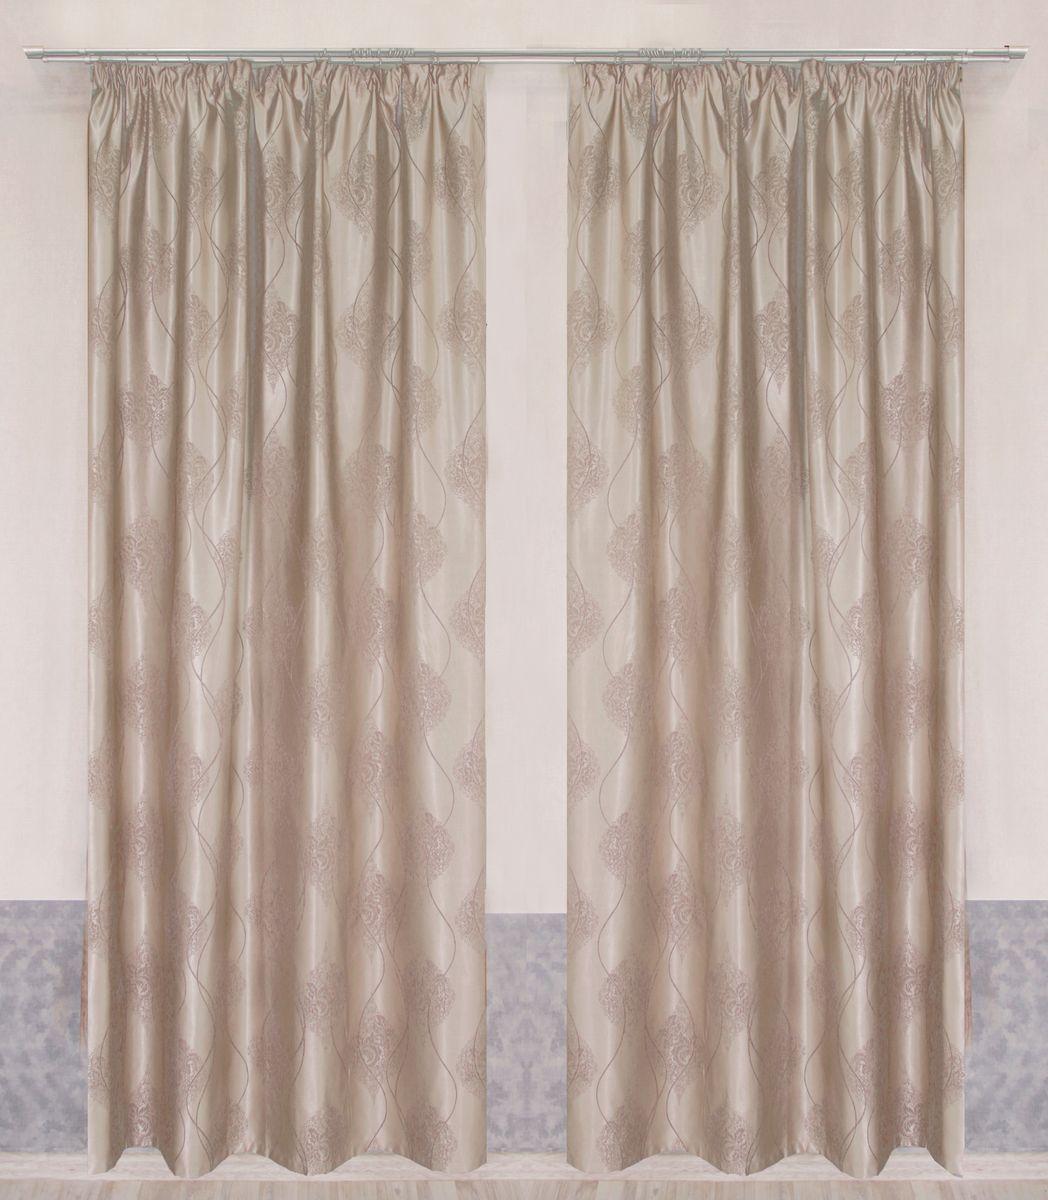 Комплект штор Zlata Korunka, на ленте, цвет: како с молоком, высота 265 см. 777103777103Роскошный комплект Zlata Korunka комплект состоит из двух штор и двух подхватов, выполненных из 100% полиэстера, которыевеликолепно украсит любое окно. Плотная ткань, оригинальный орнамент и приятная цветовая гамма привлекут к себе внимание и органично впишутся в интерьерпомещения.Комплект крепится на карниз при помощи шторной ленты, которая поможеткрасиво и равномерно задрапировать верх. Этот комплект будет долгое время радовать вас и вашу семью!В комплект входит:Штора: 2 шт. Размер (ШхВ): 160 см х 265 см.Подхват: 2 шт.